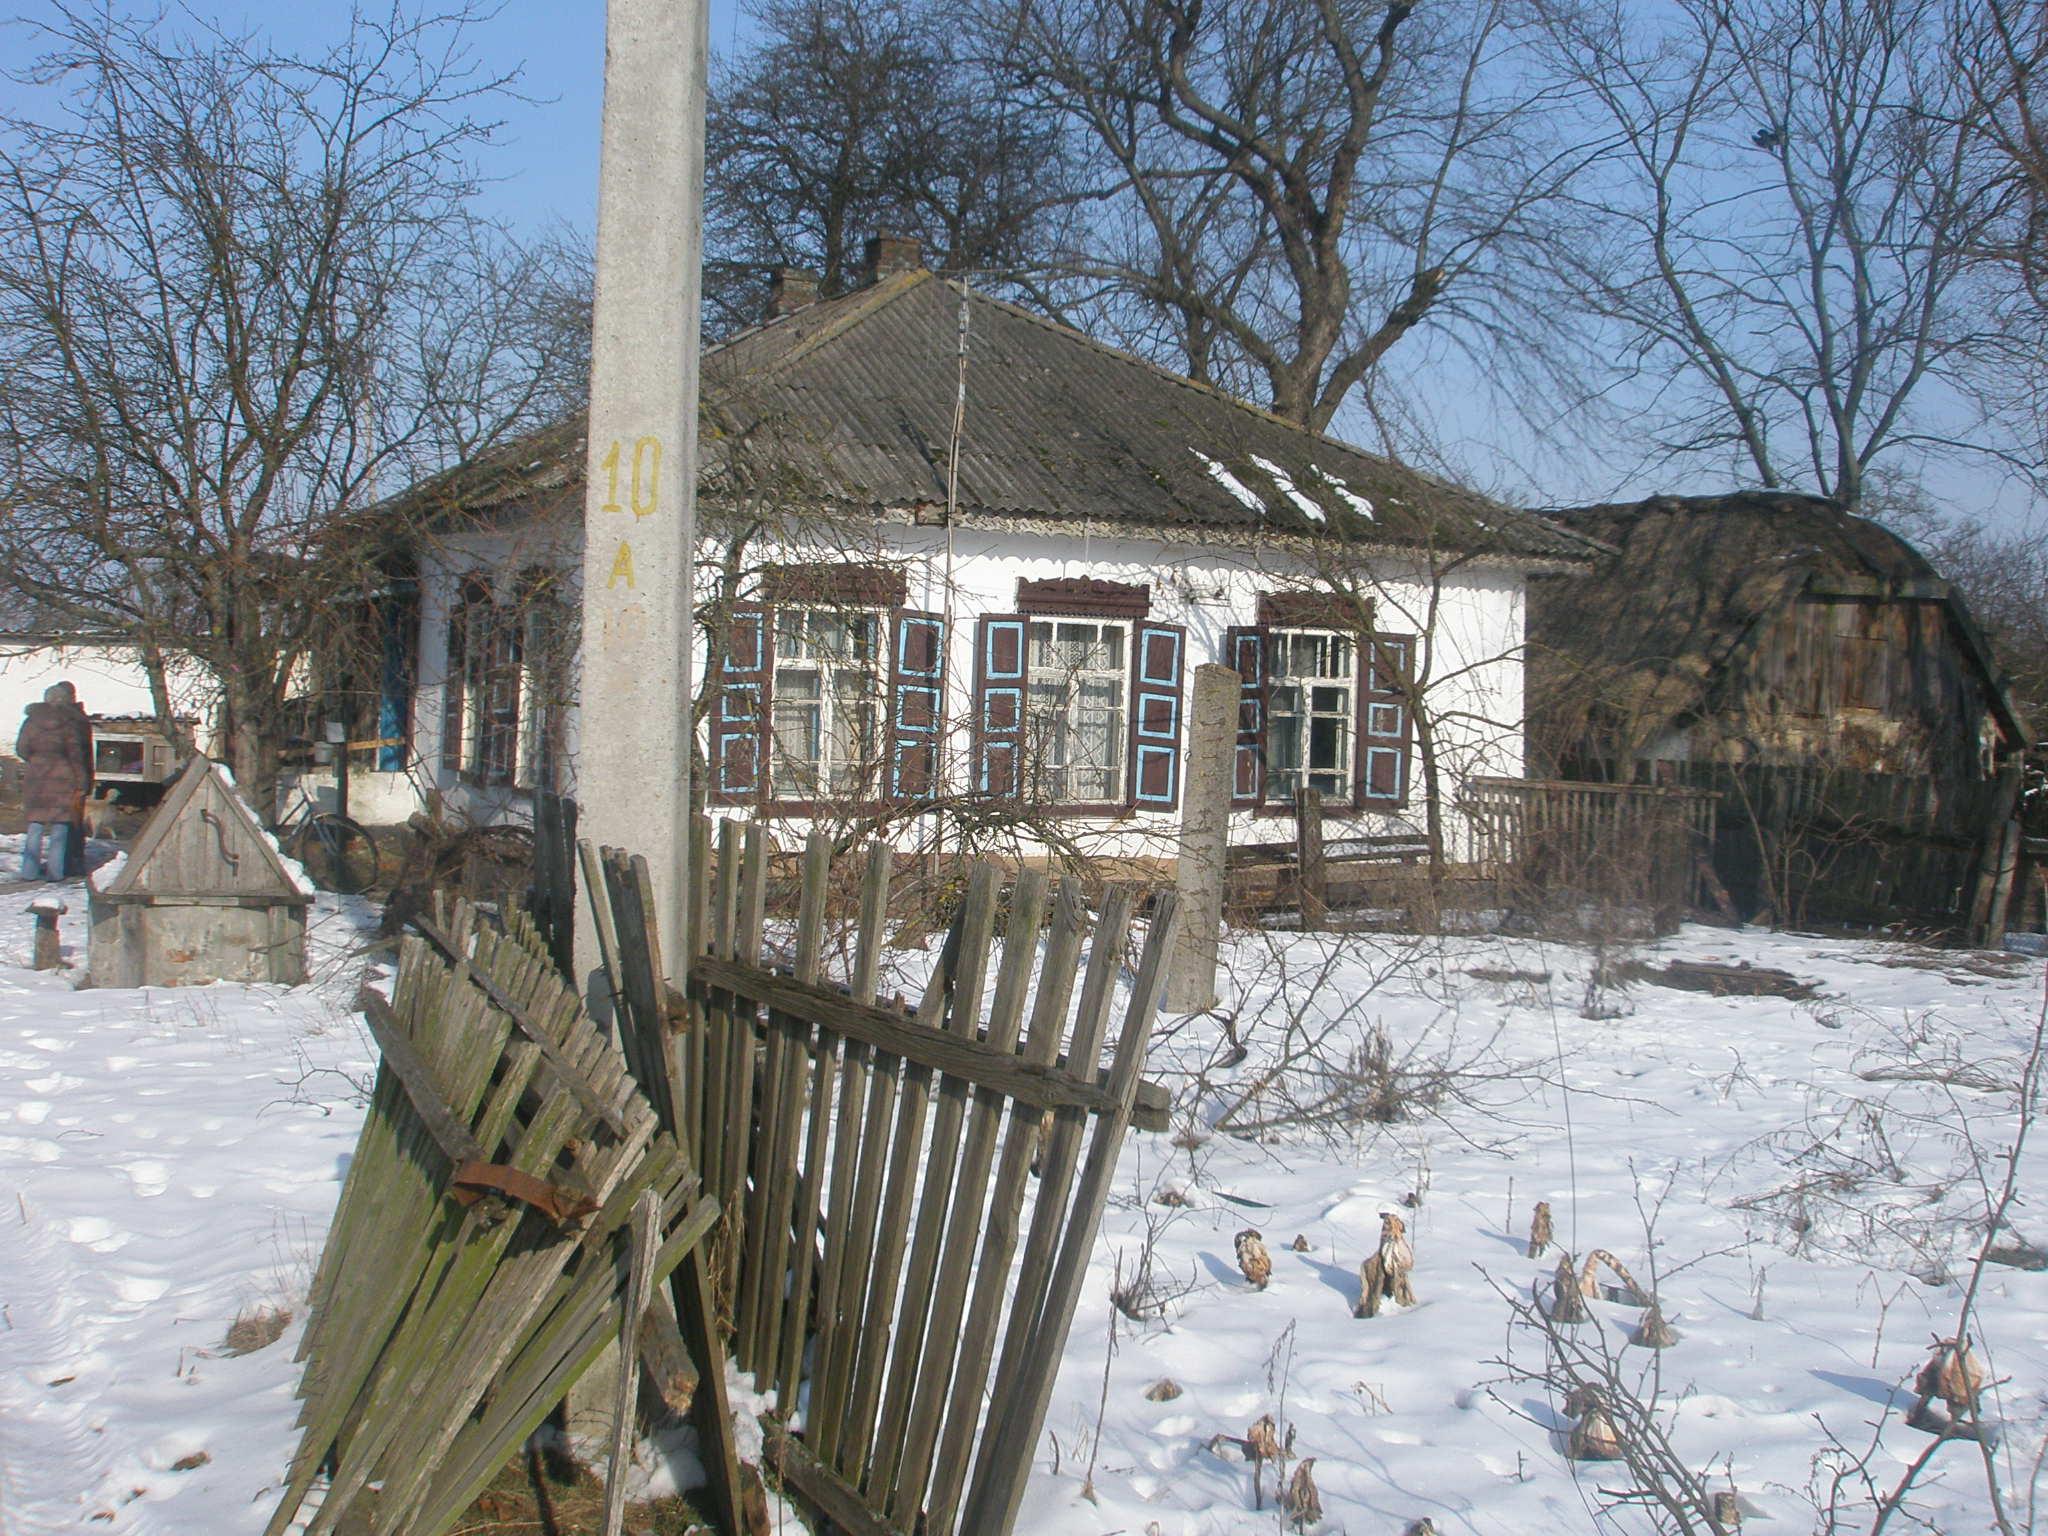 Житлове приміщення с. Коробівка, вул. Леніна, буд. 64 та земельна ділянка площею 0,25 га